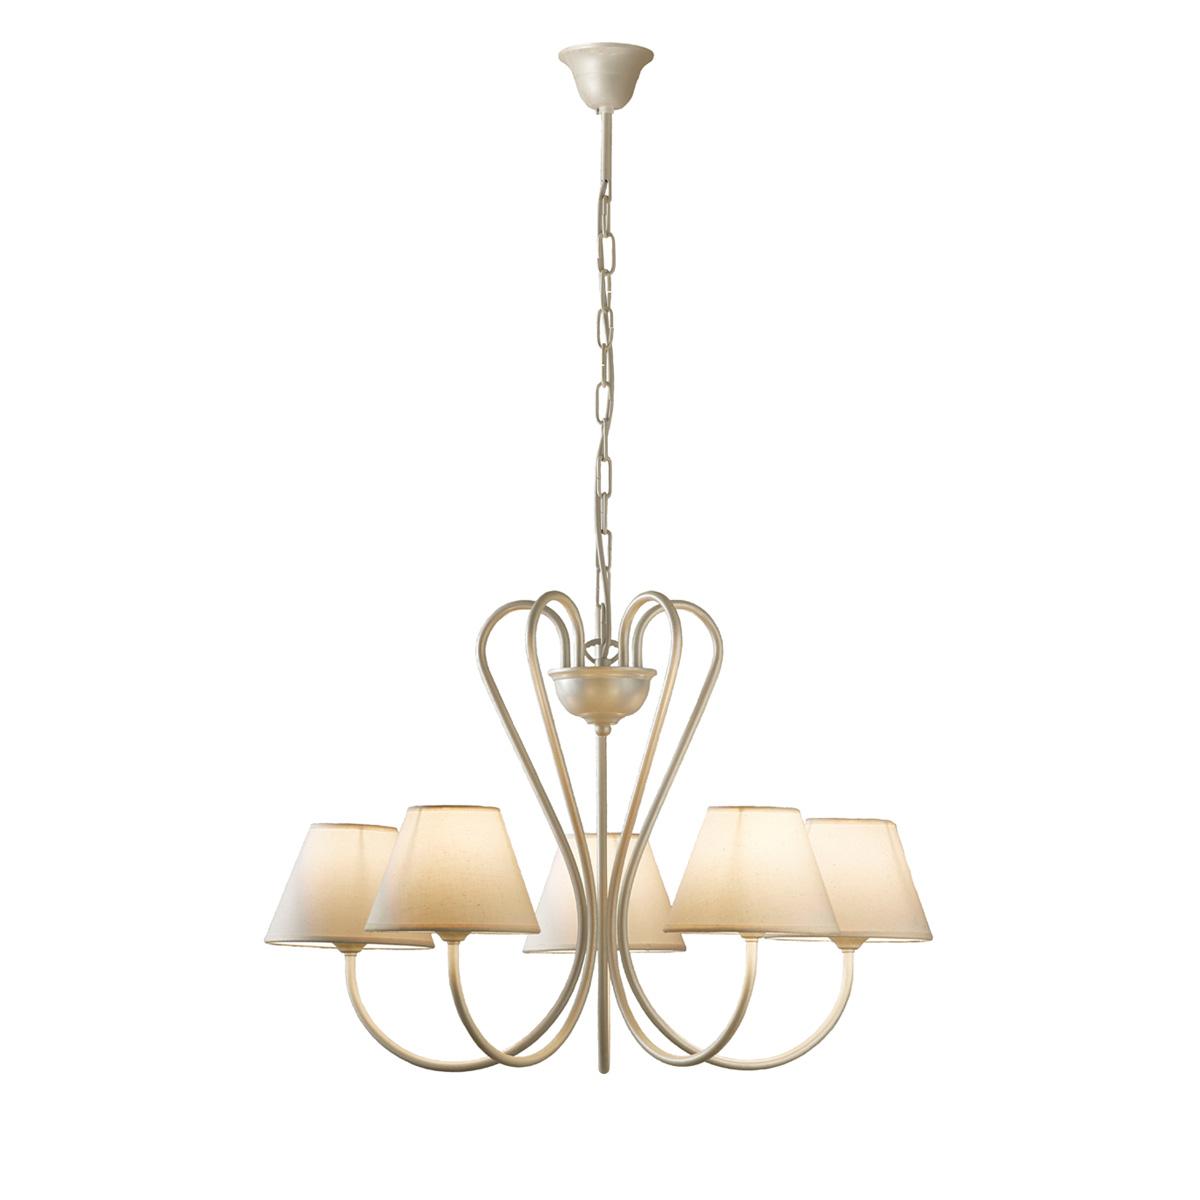 5φωτο ρουστίκ φωτιστικό με καπέλα ΝΑΞΟΣ-2 5-bulb rustic chandelier with shades